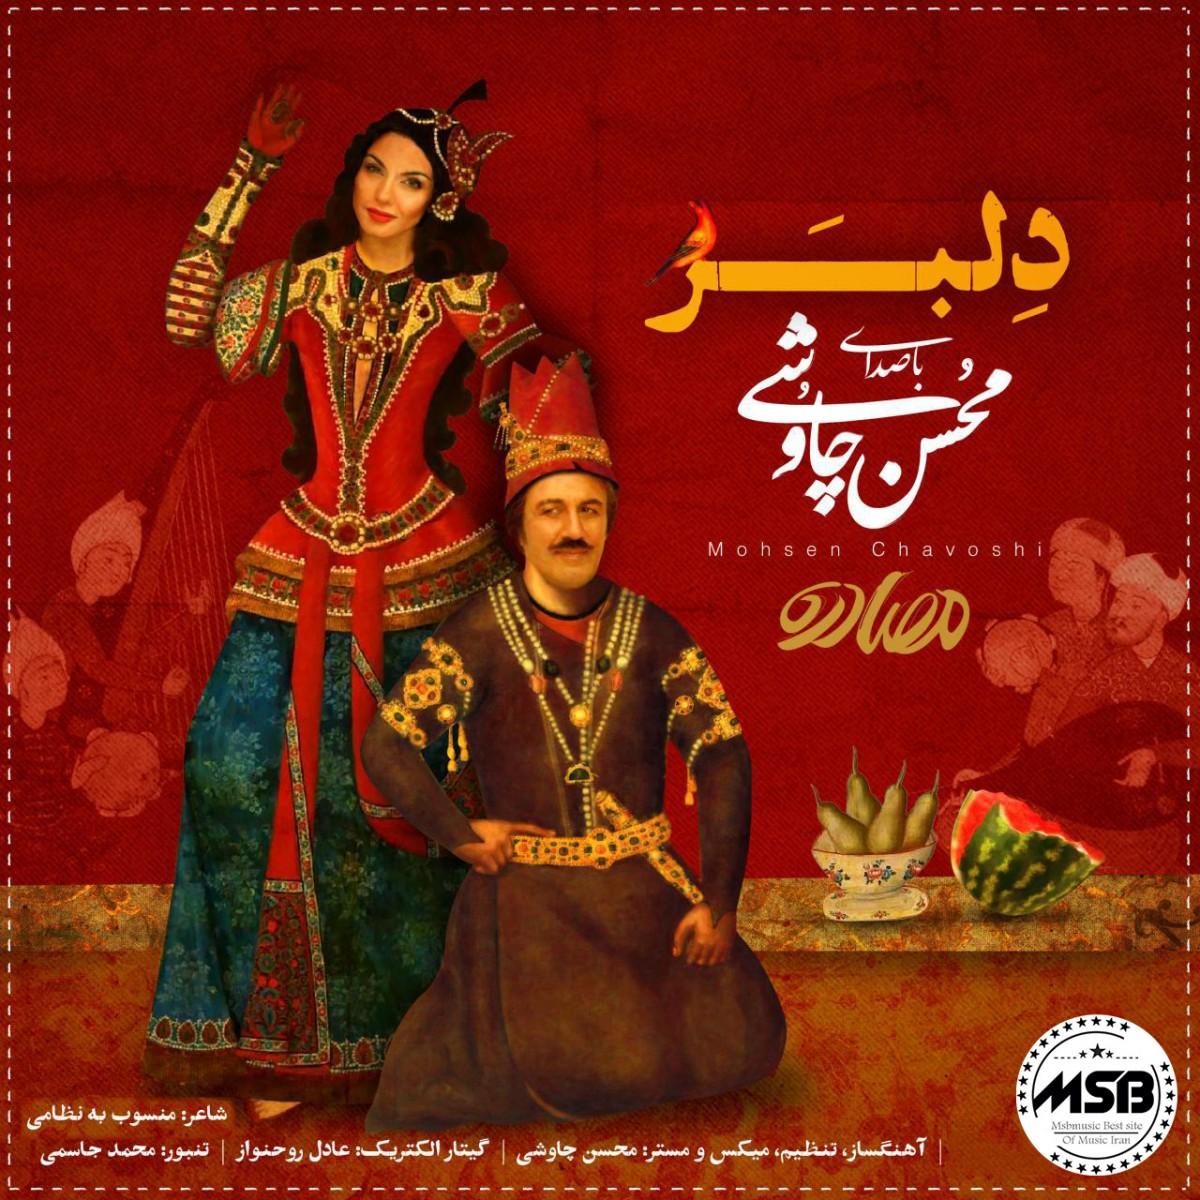 دانلود آهنگ محسن چاوشی بنام دلبر